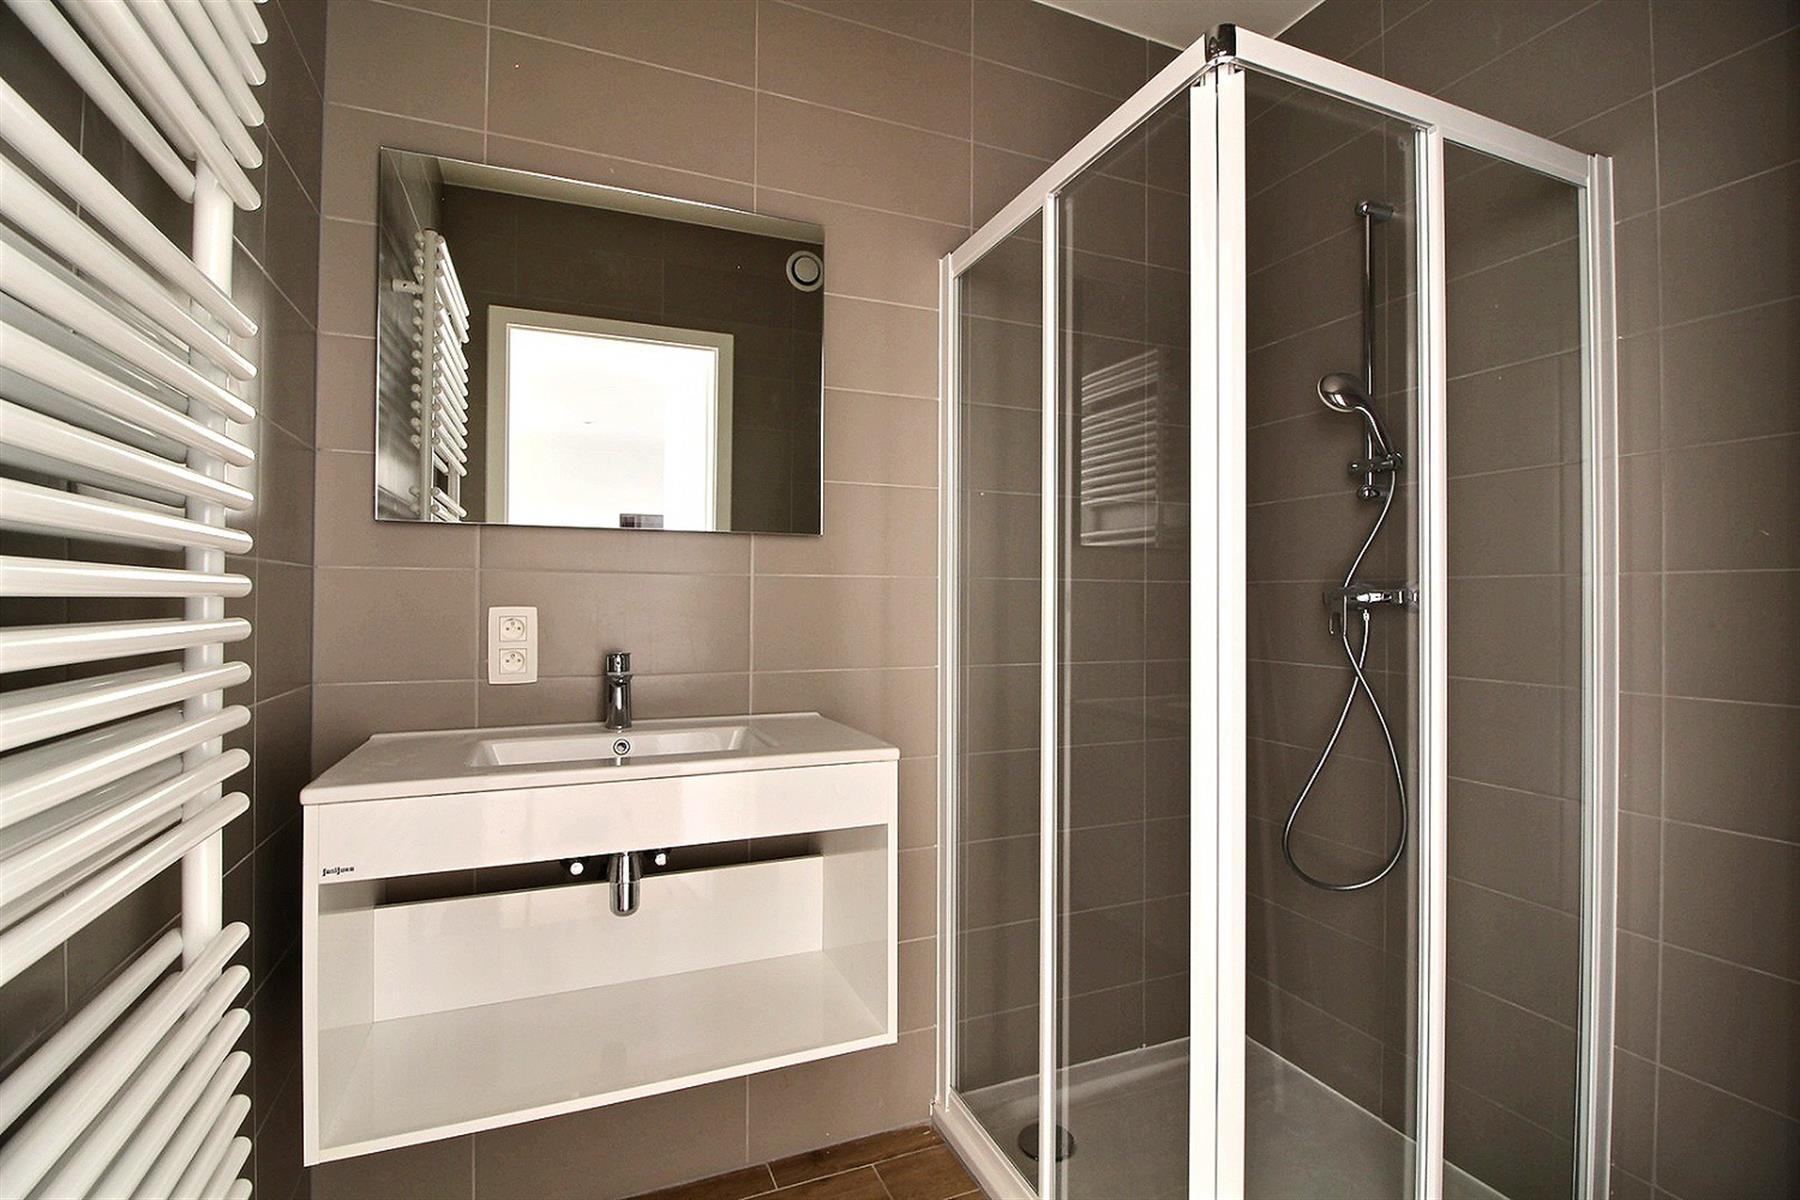 Appartement - Ottignies-Louvain-la-Neuve Louvain-la-Neuve - #4188555-5